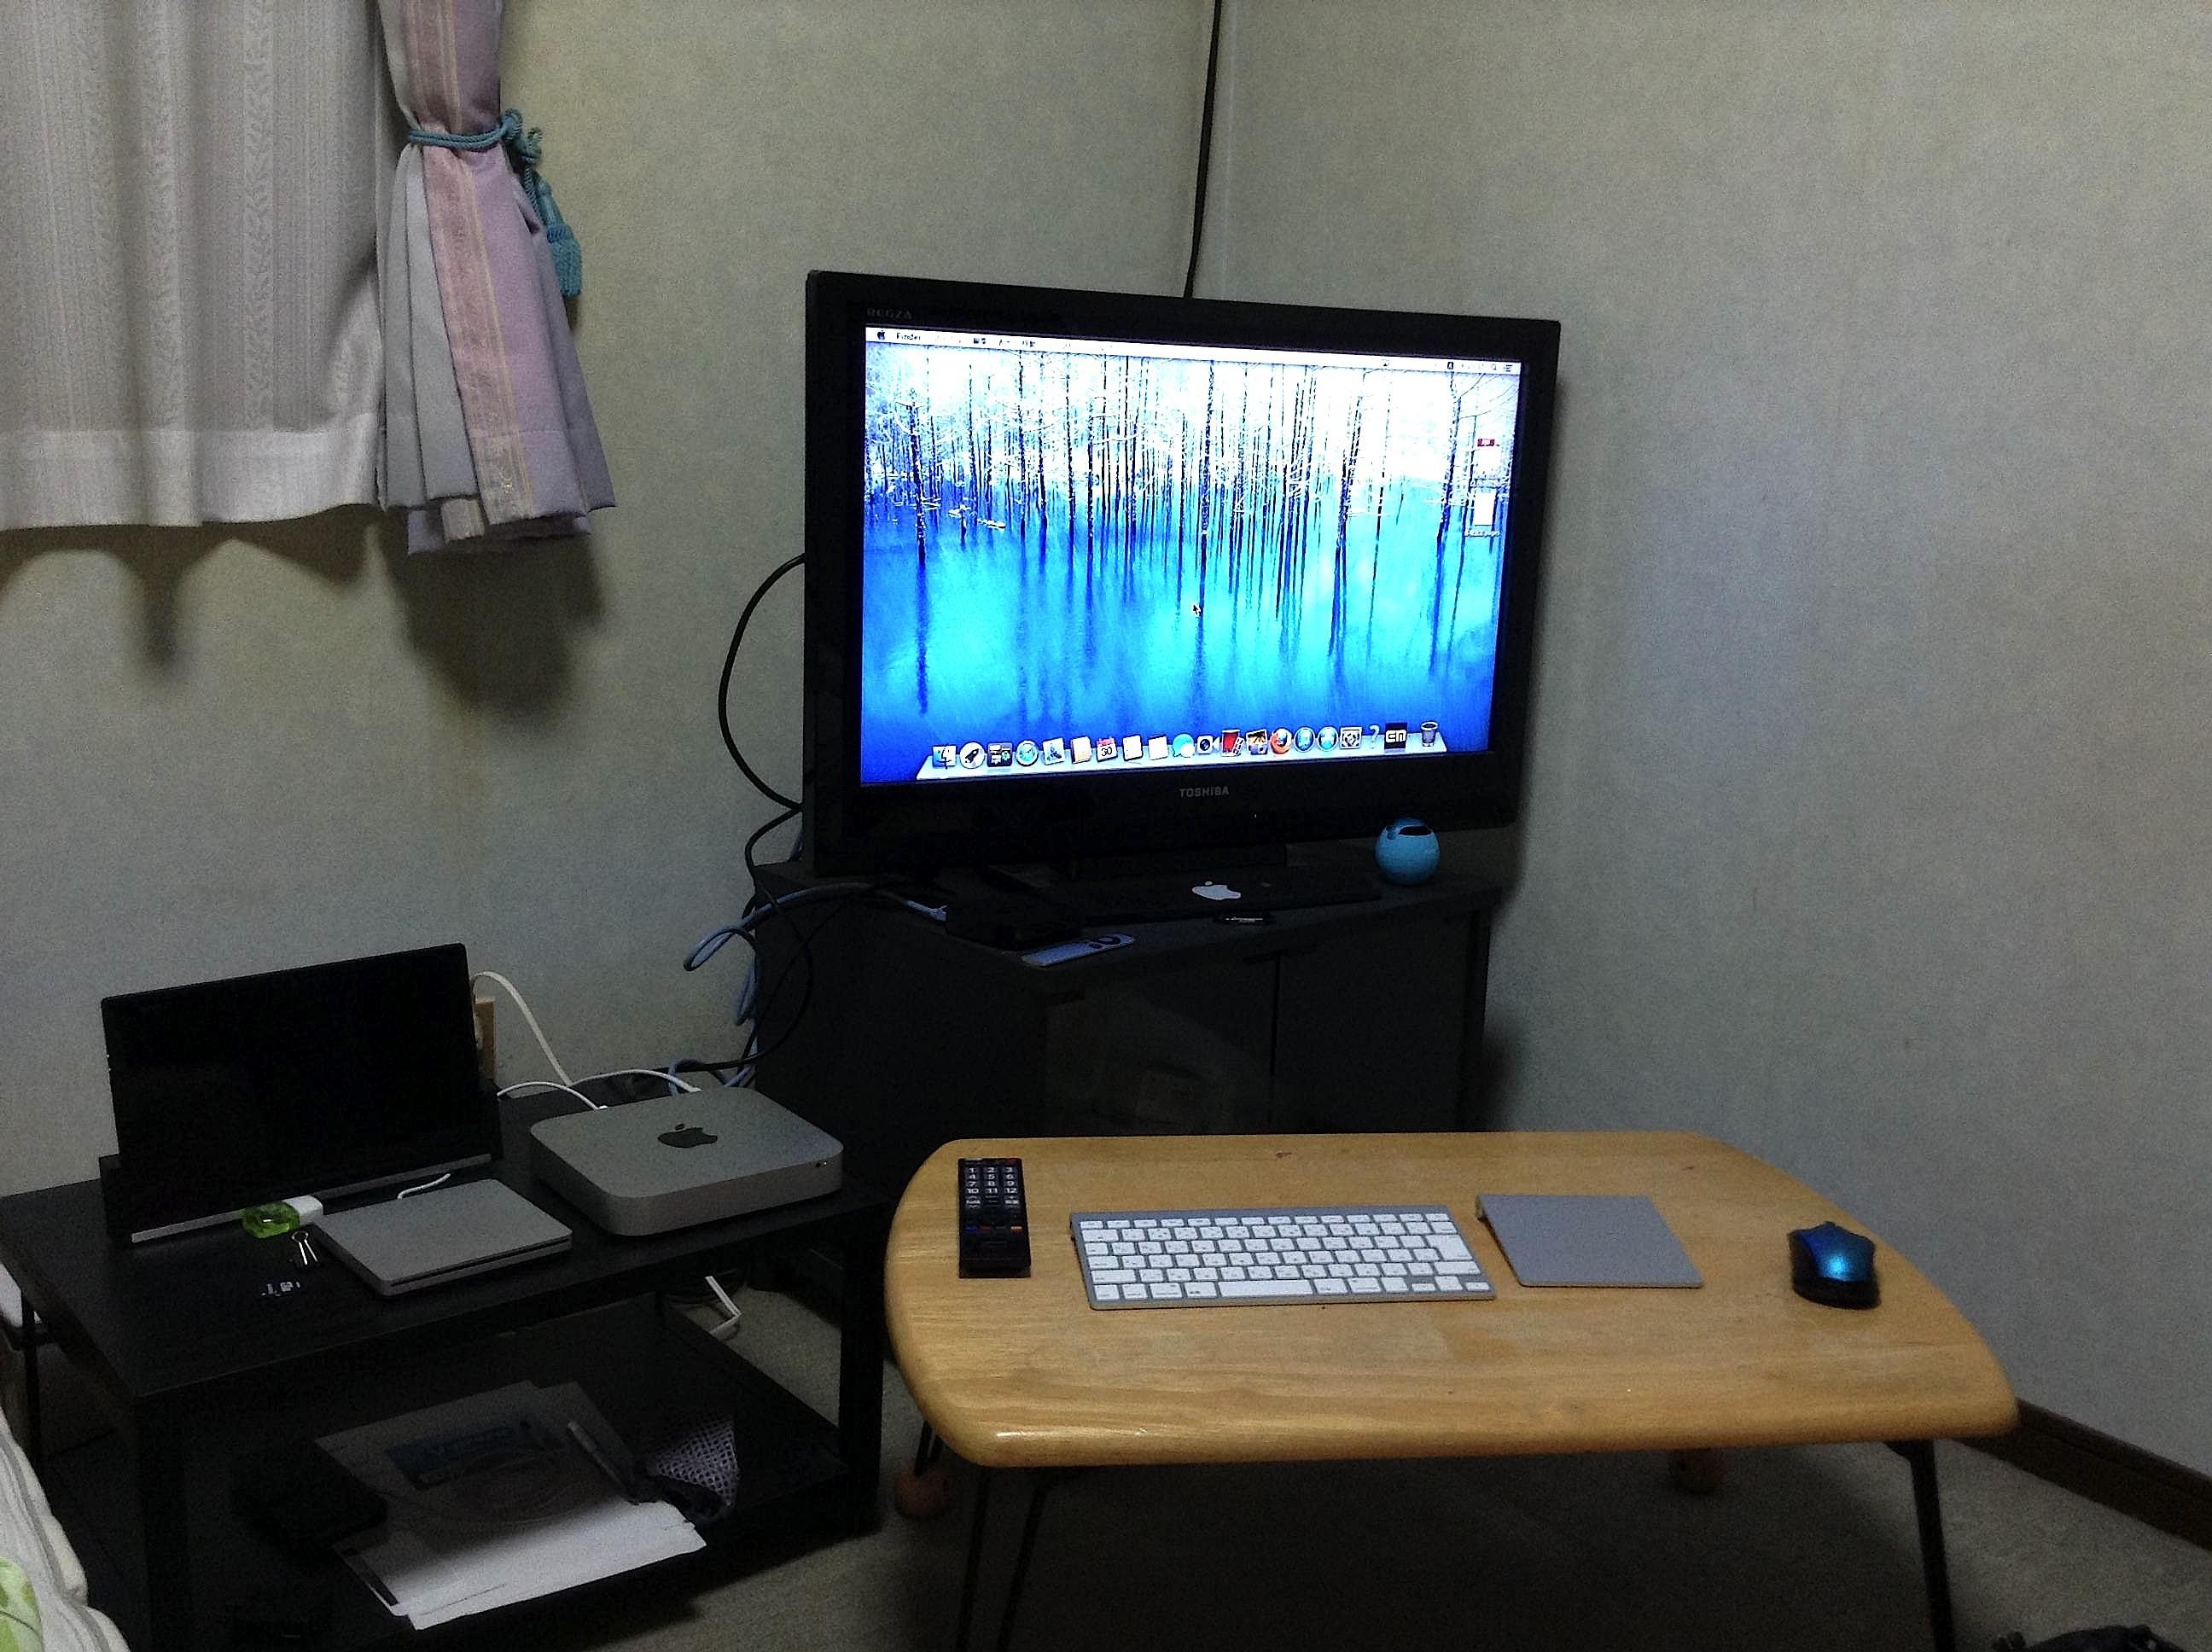 パソコン 使う として を モニター テレビ